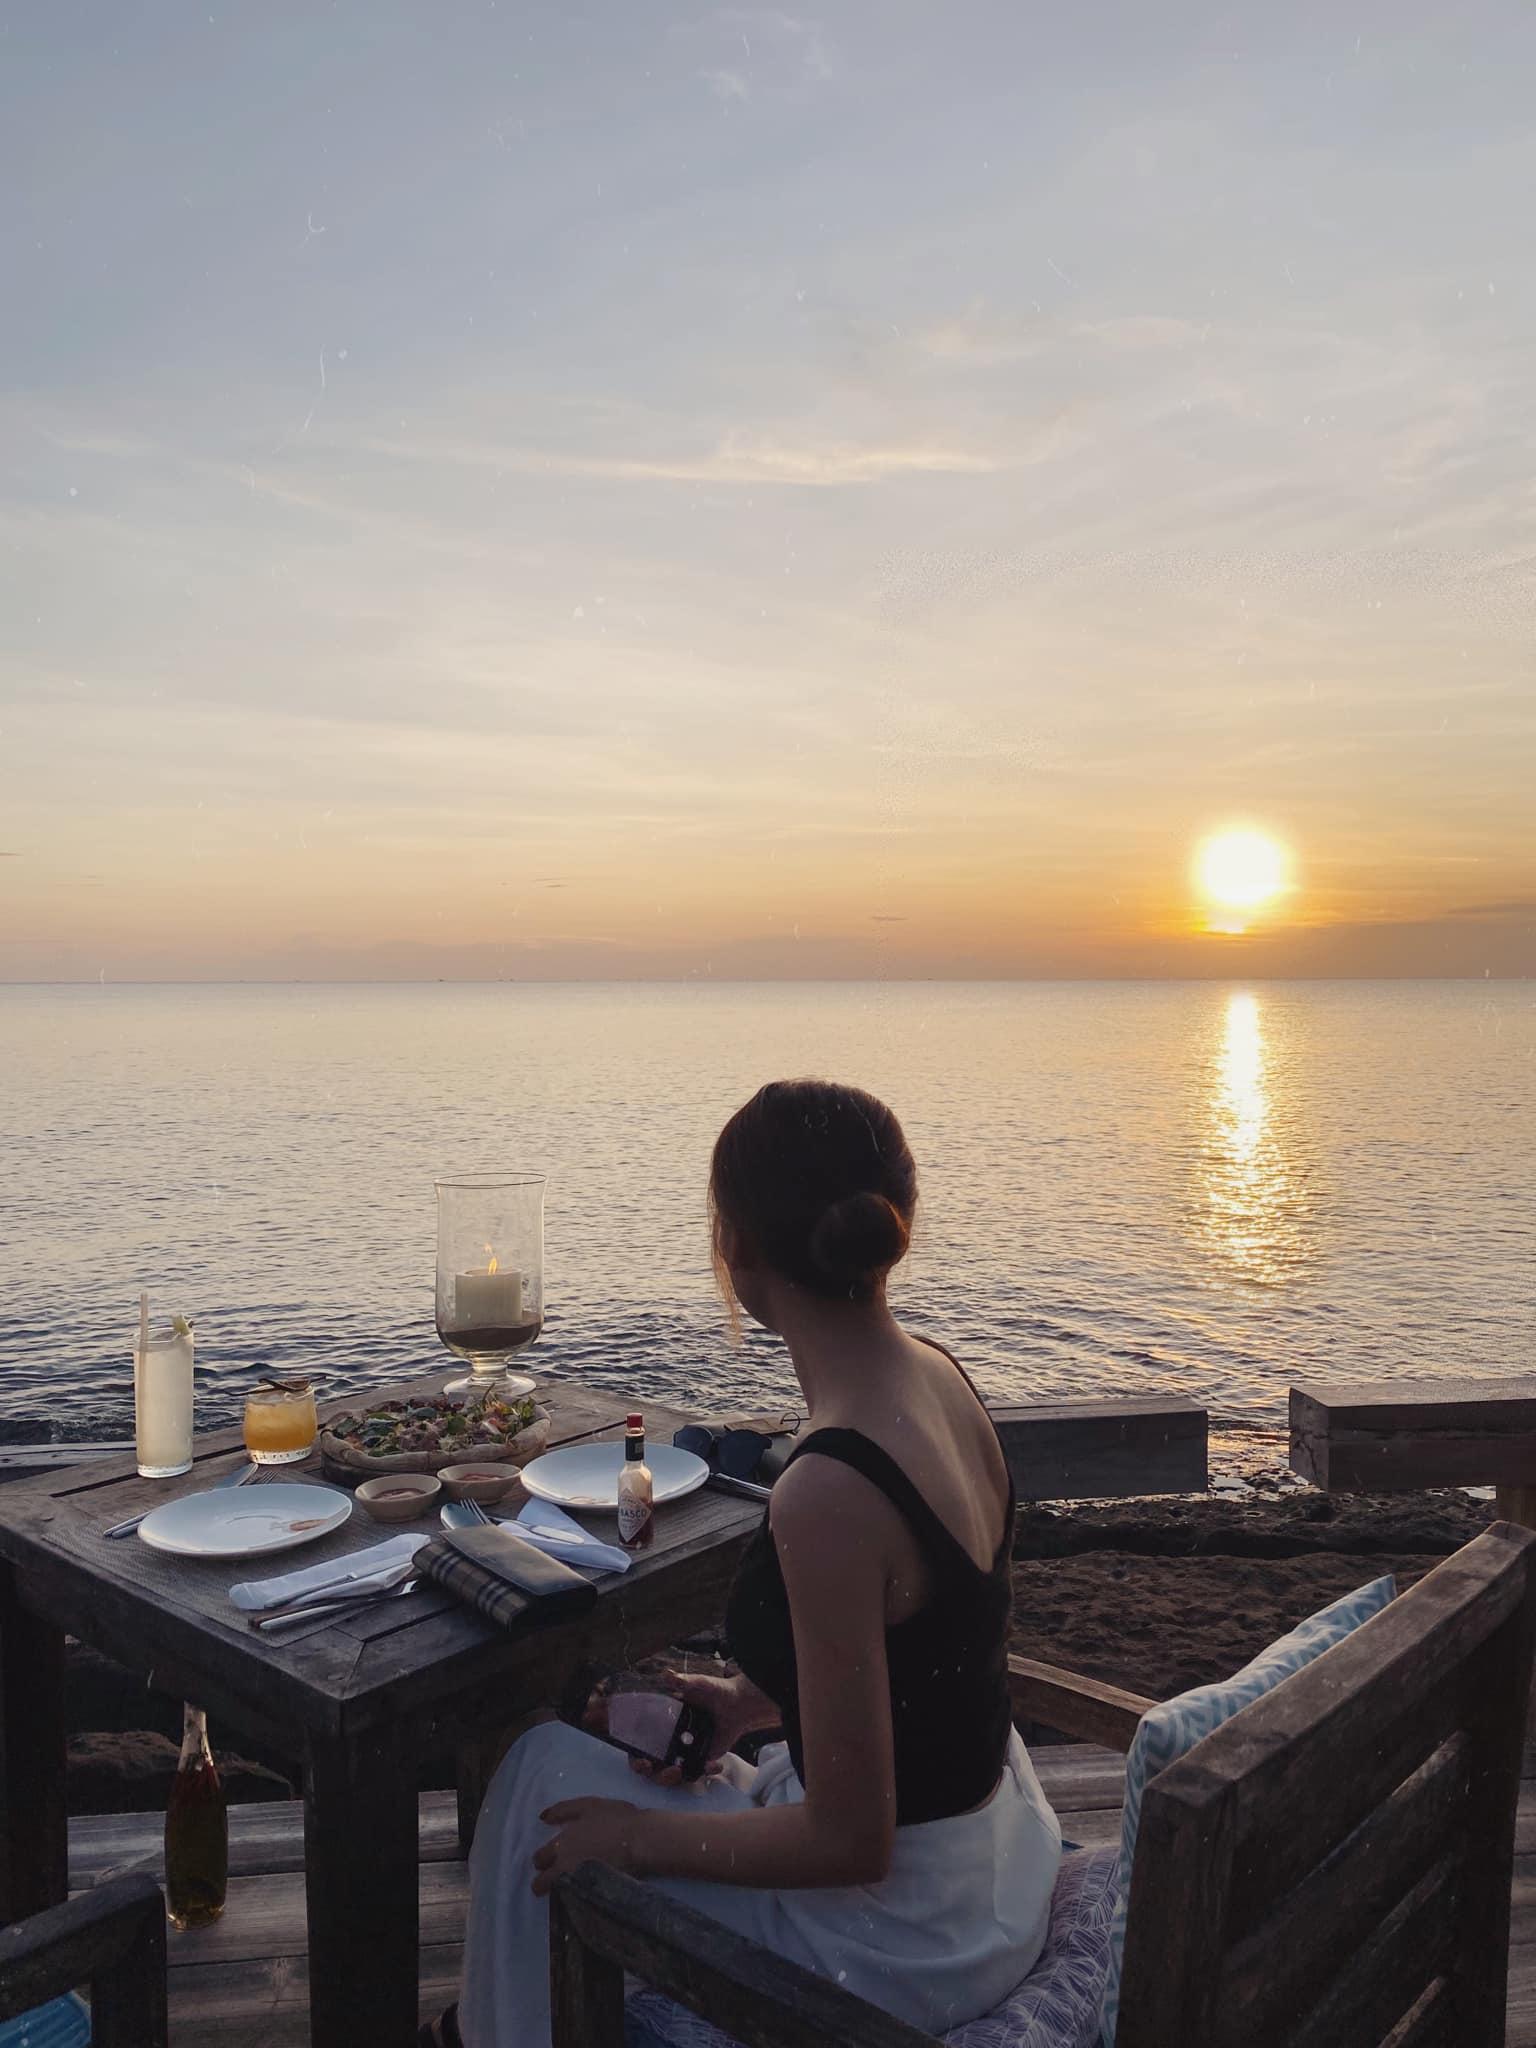 Thư giãn bên bờ biển. Hình: Phuong Nguyen